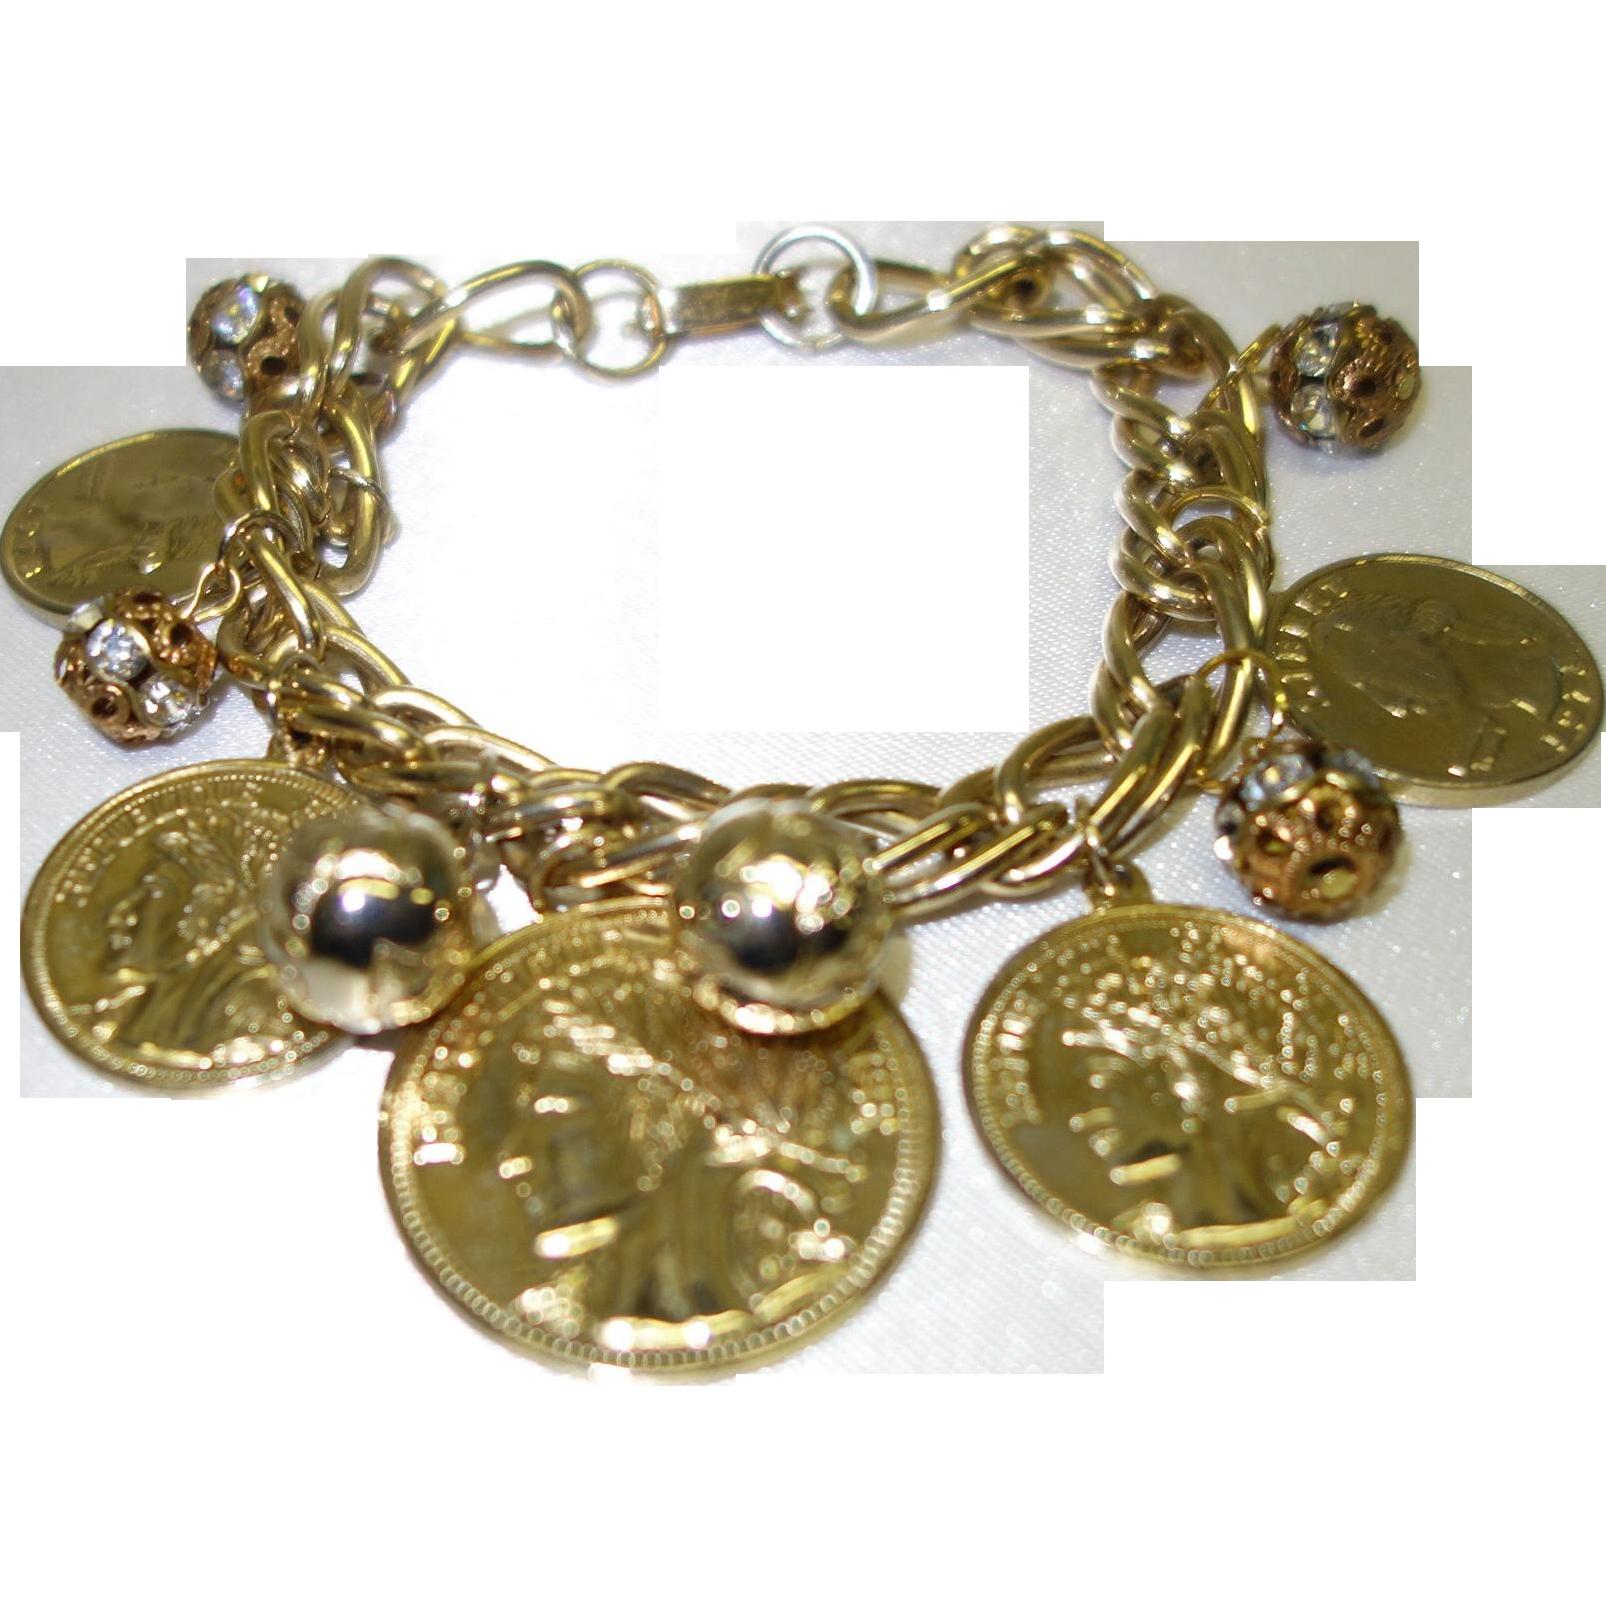 Vintage Faux Coin Charm Bracelet